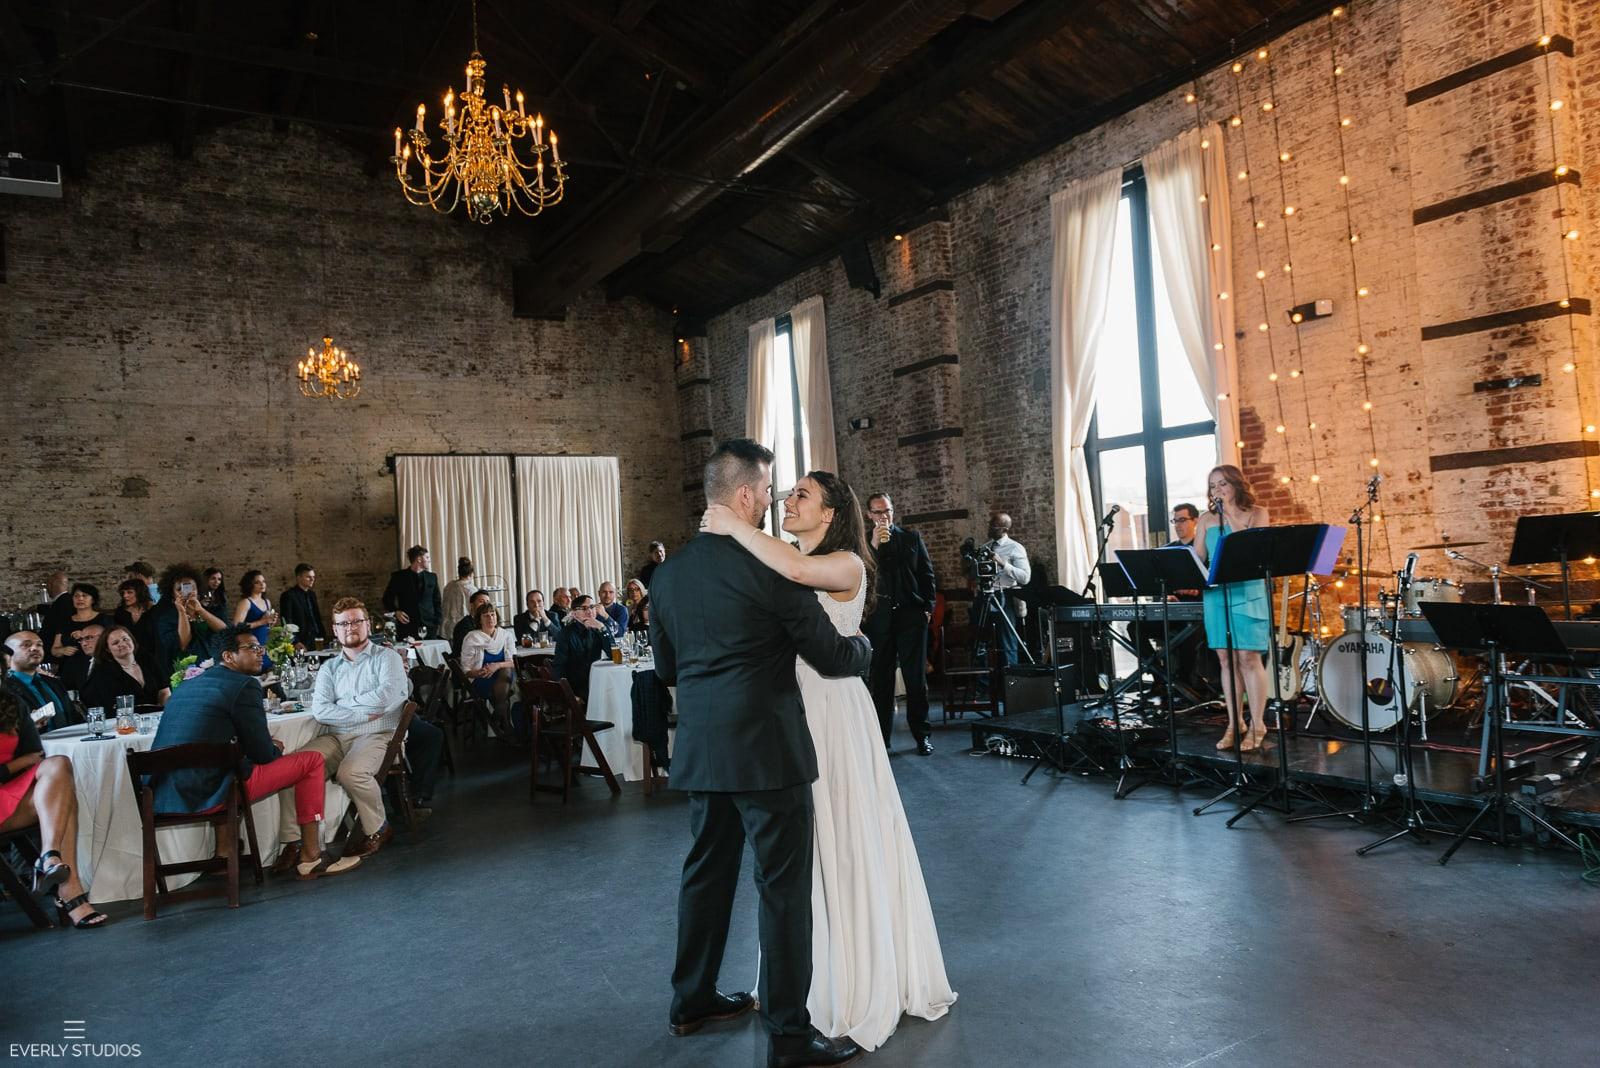 The Green Building wedding in Brooklyn. Photos by Brooklyn wedding photographer Everly Studios, www.everlystudios.com